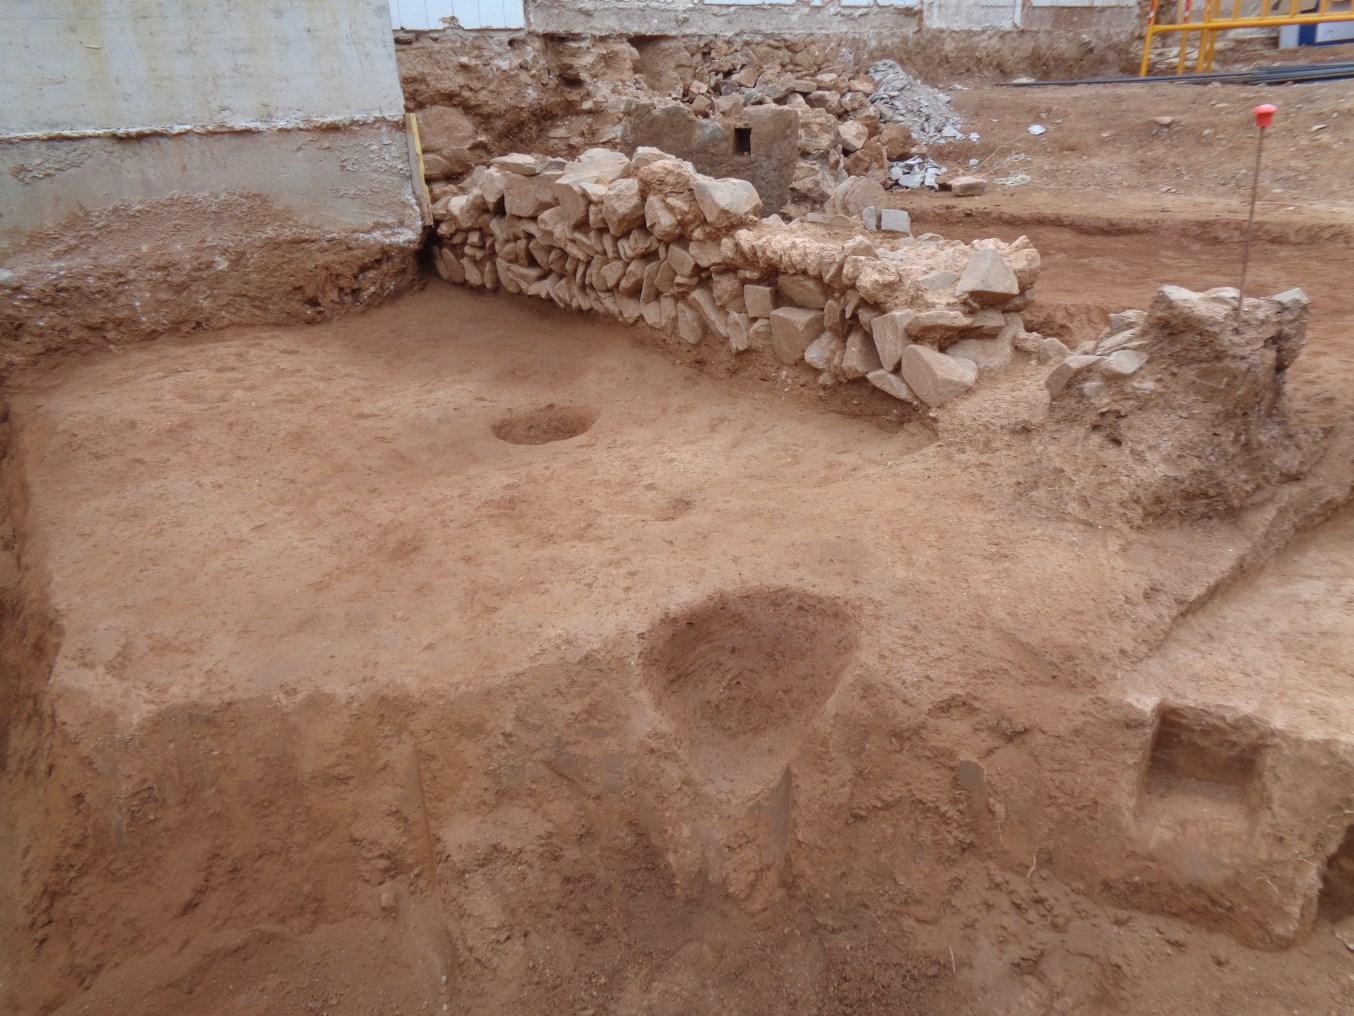 Mur d'època medieval localitzat al pati posterior del mas (Foto: Òscar Varas)